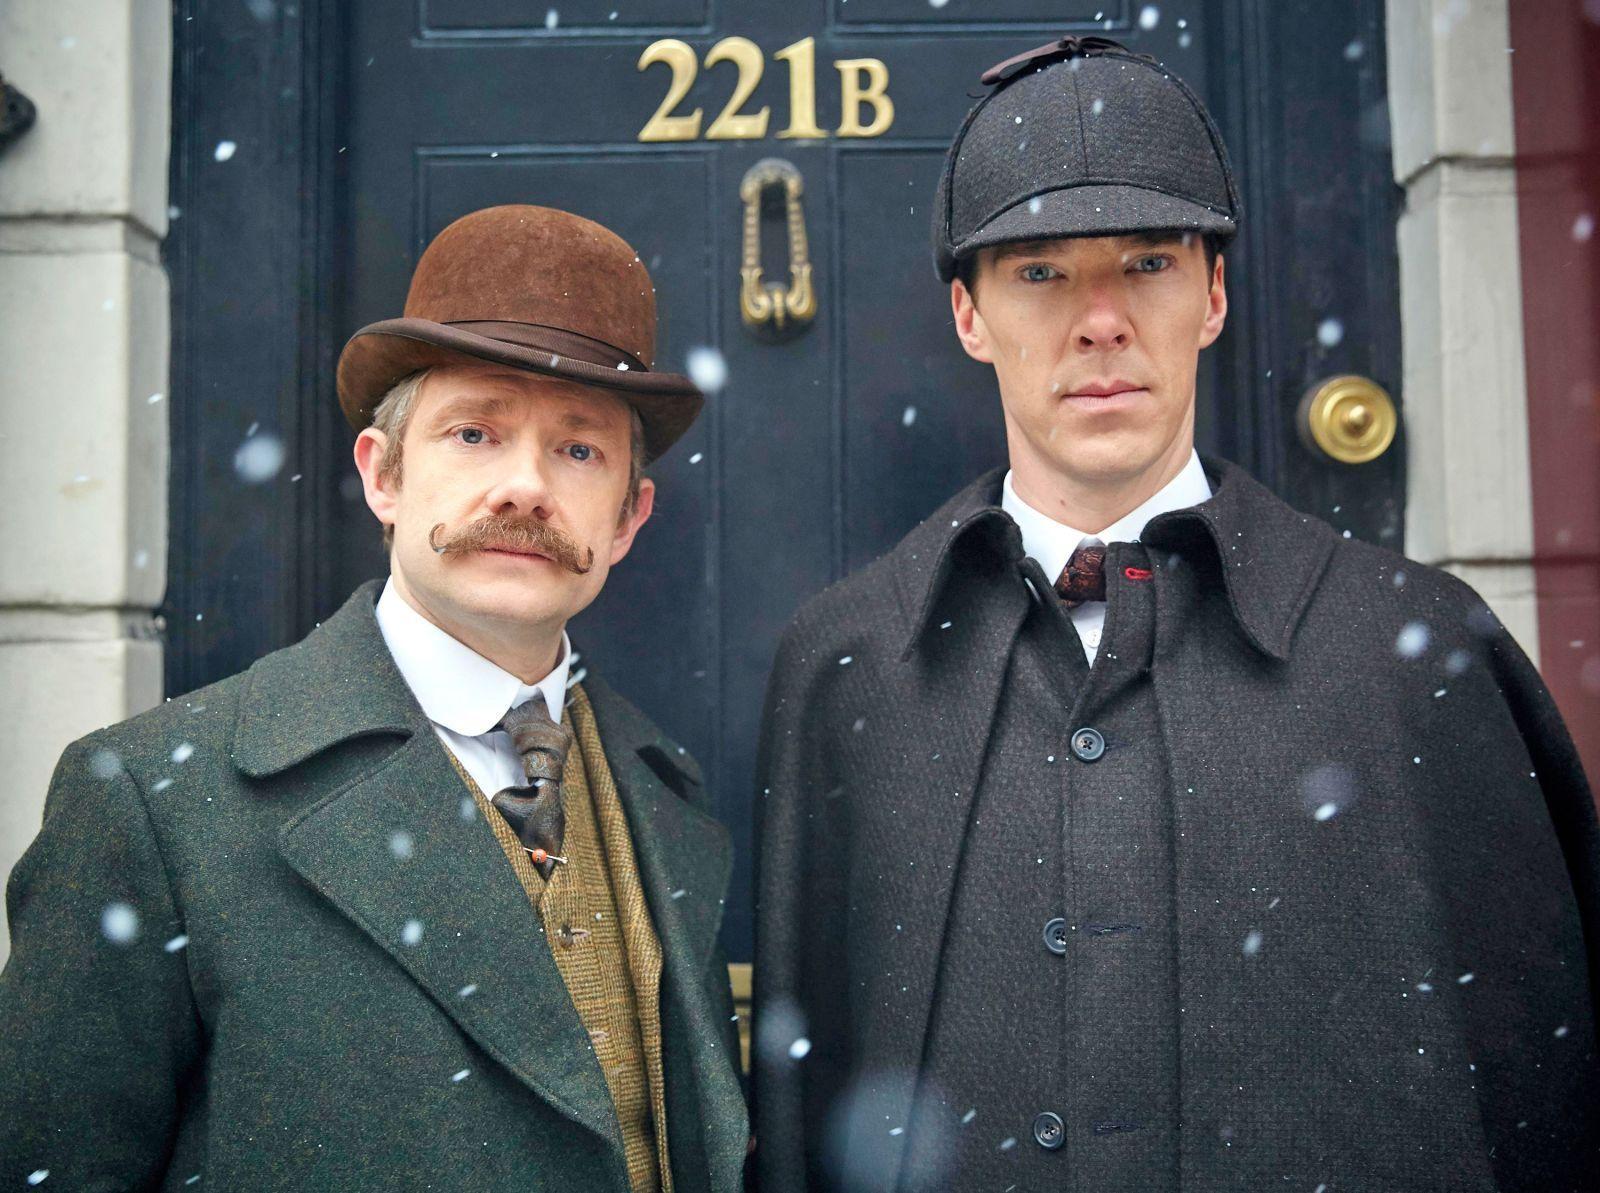 Новый фильм о холмсе на новый год